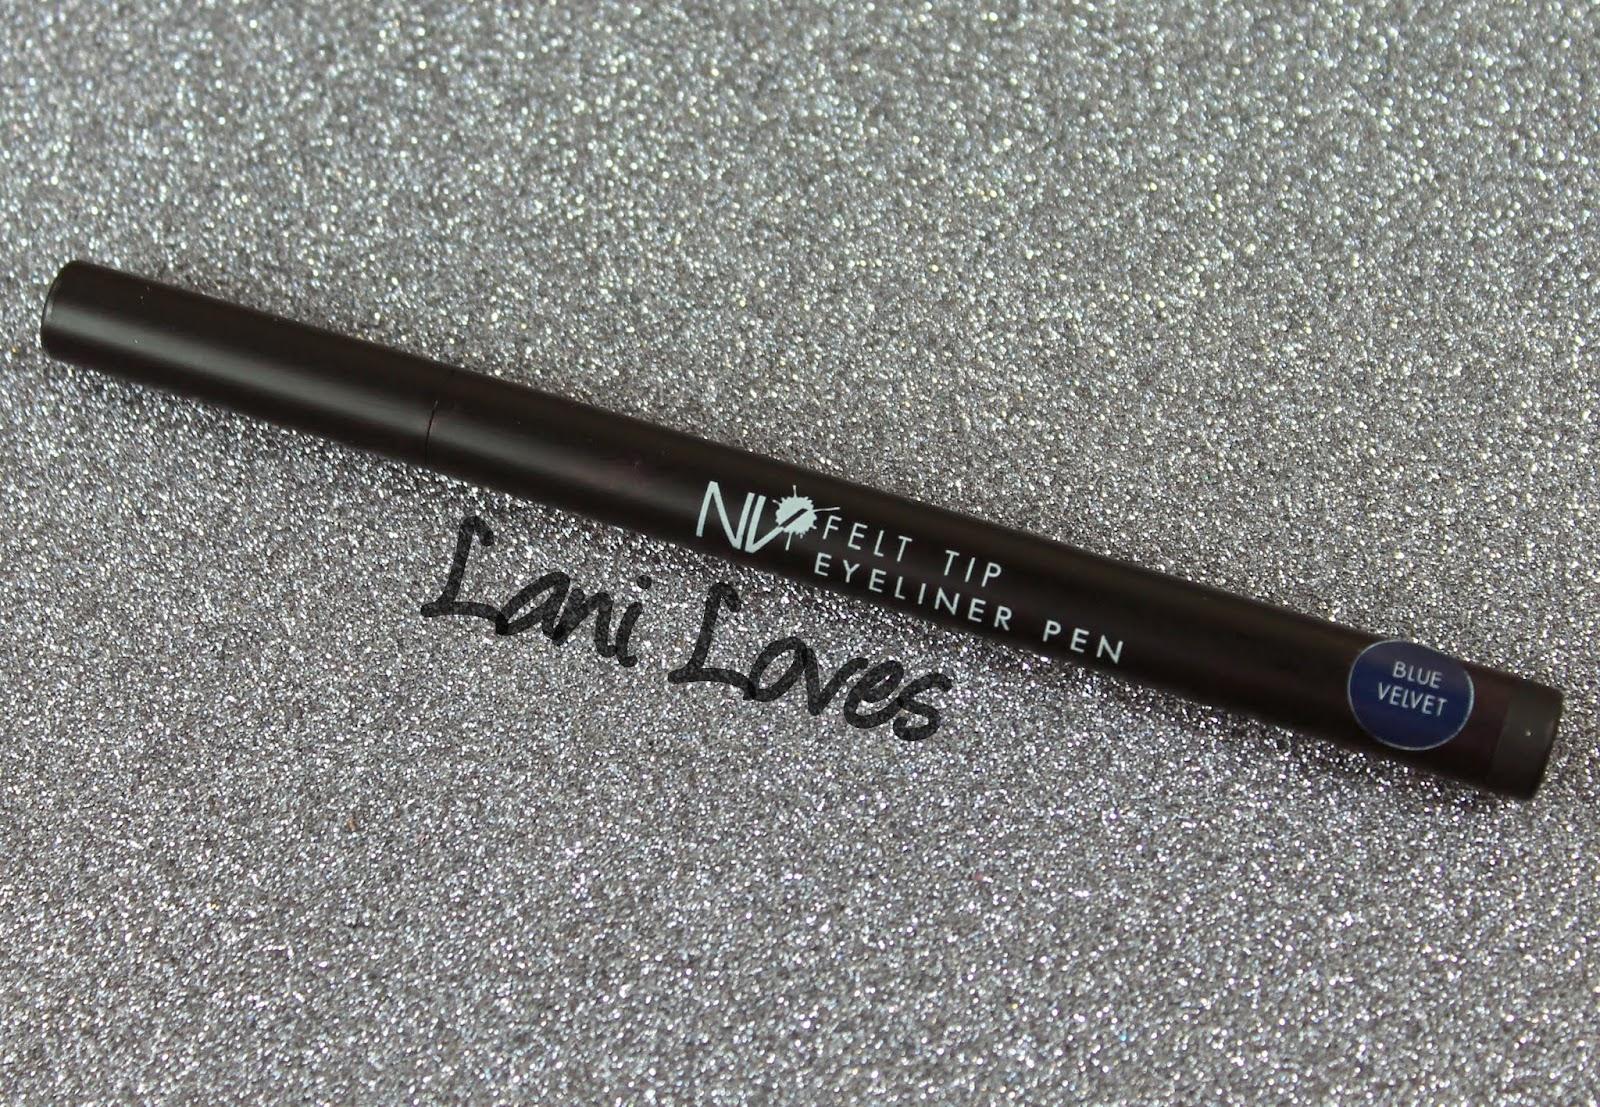 NV Felt Tip Eyeliner Pen - Blue Velvet preview